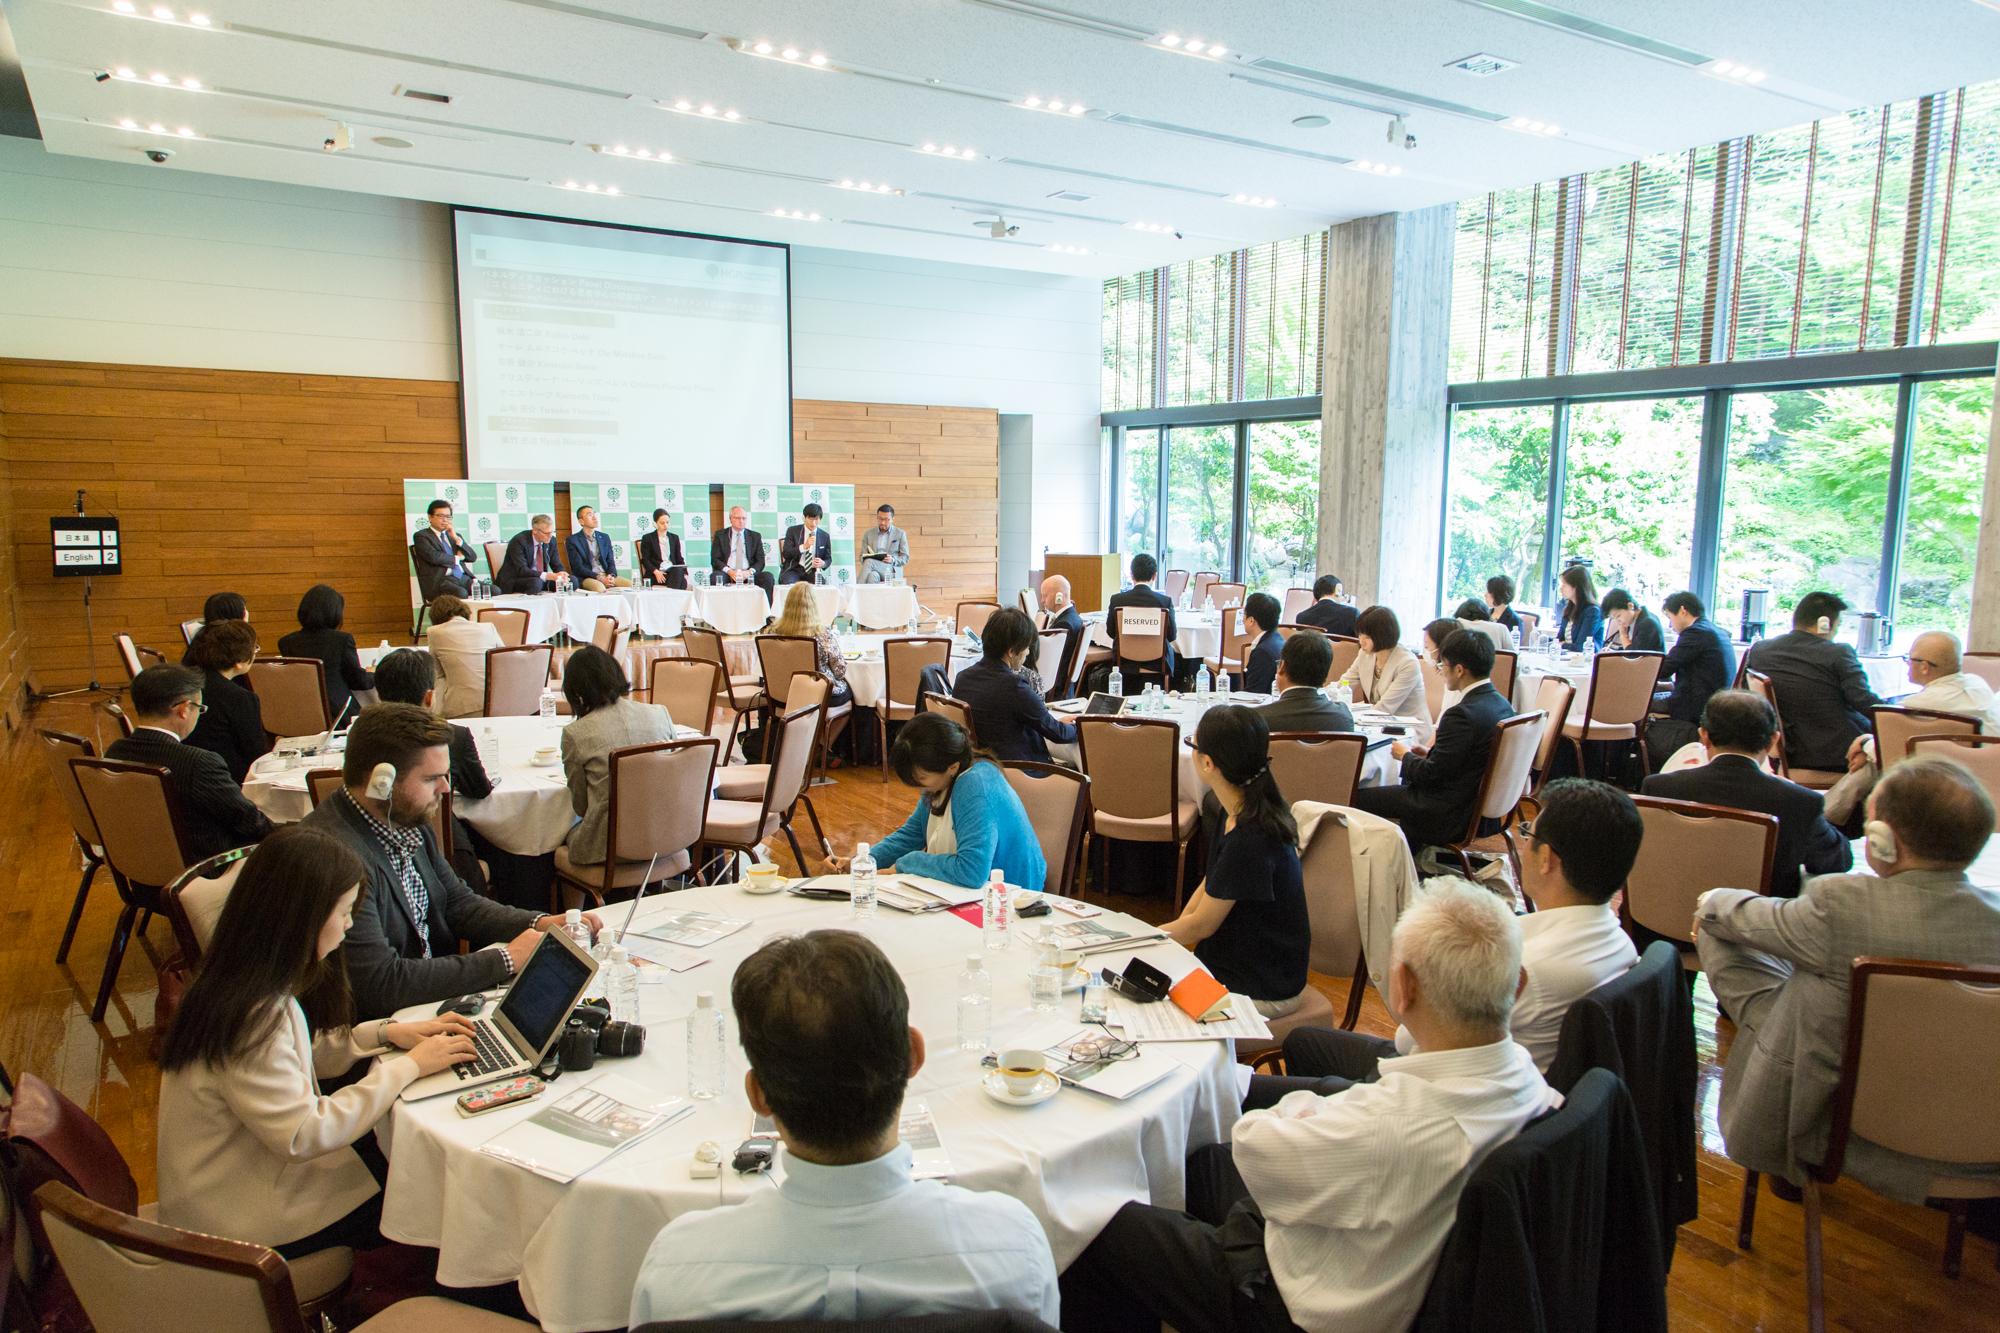 【開催報告】「市民社会のためのNCDグローバルフォーラム 糖尿病セッション『患者リーダーなどによるワークショップの部』『フォーラムの部』」(2018年5月29日)